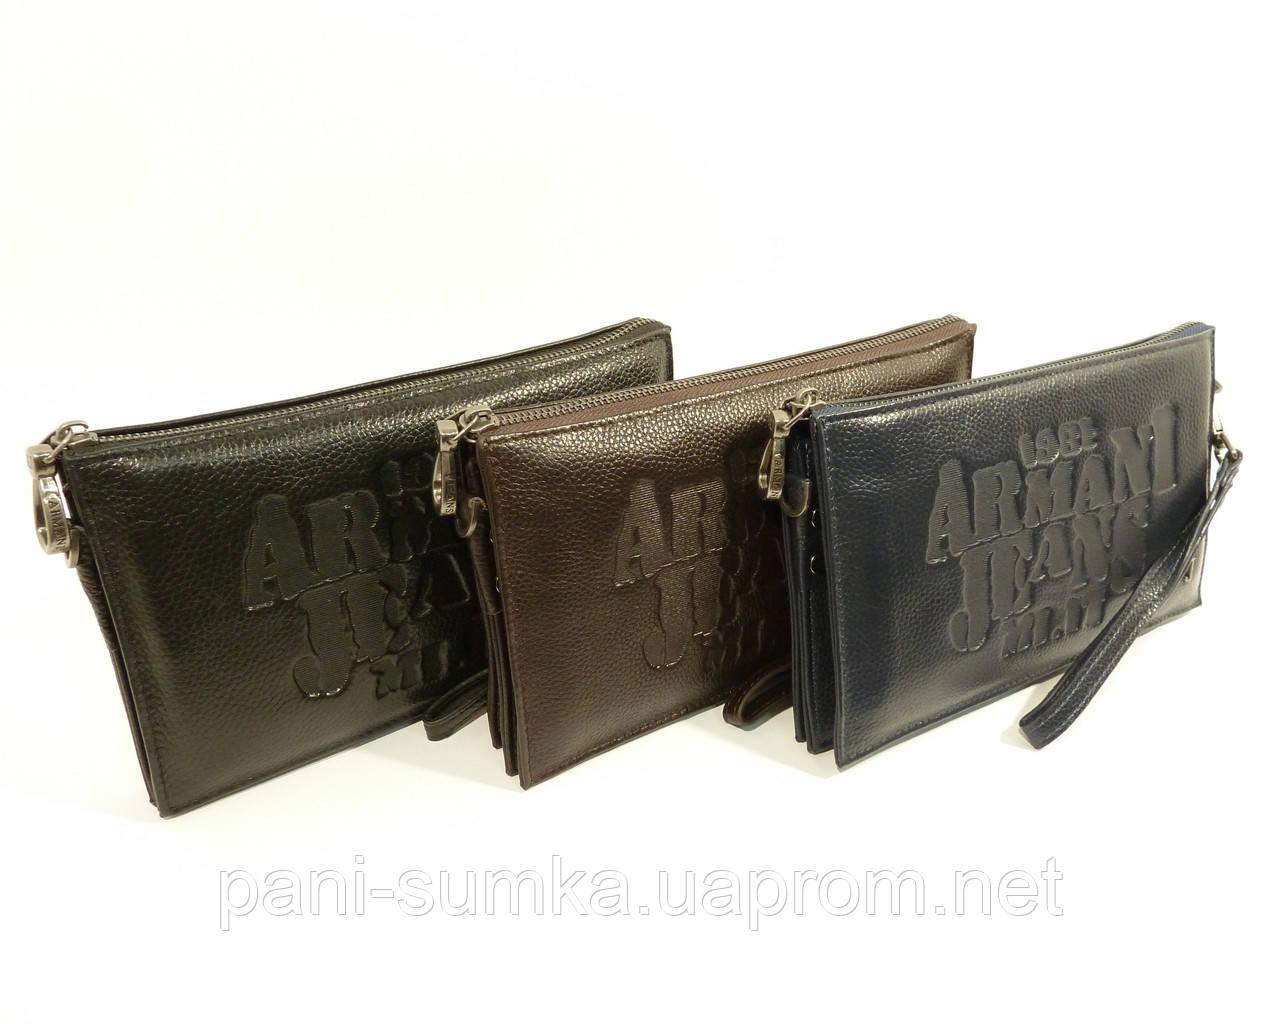 6cae2a4a9454 Клатч мужской средний кожаный Armani Jeans 921-2 черный, сумка мужская - Интернет  магазин